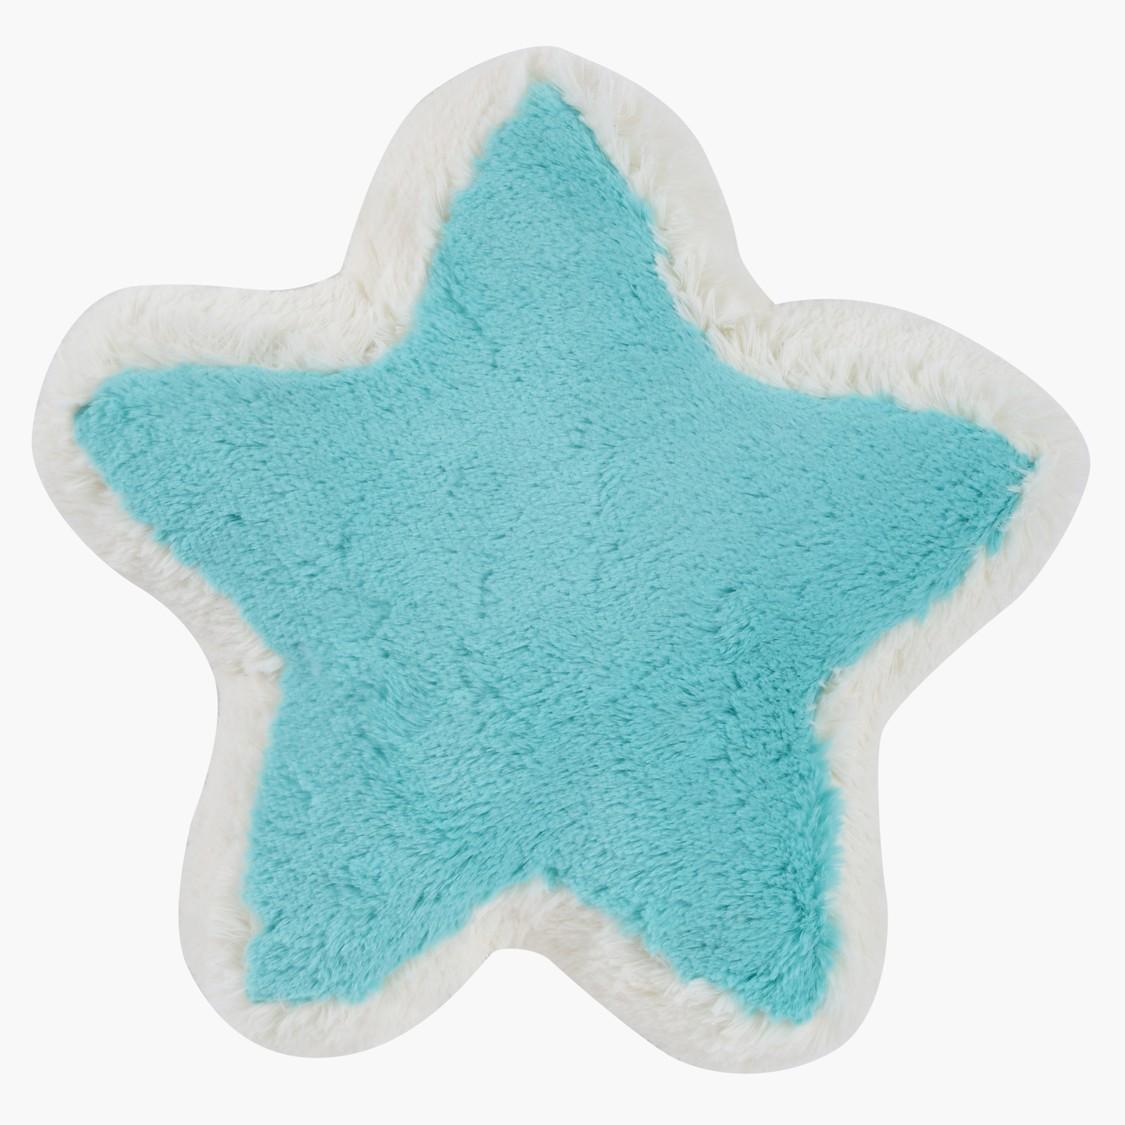 Plush Star Cushion - 37x37 cms